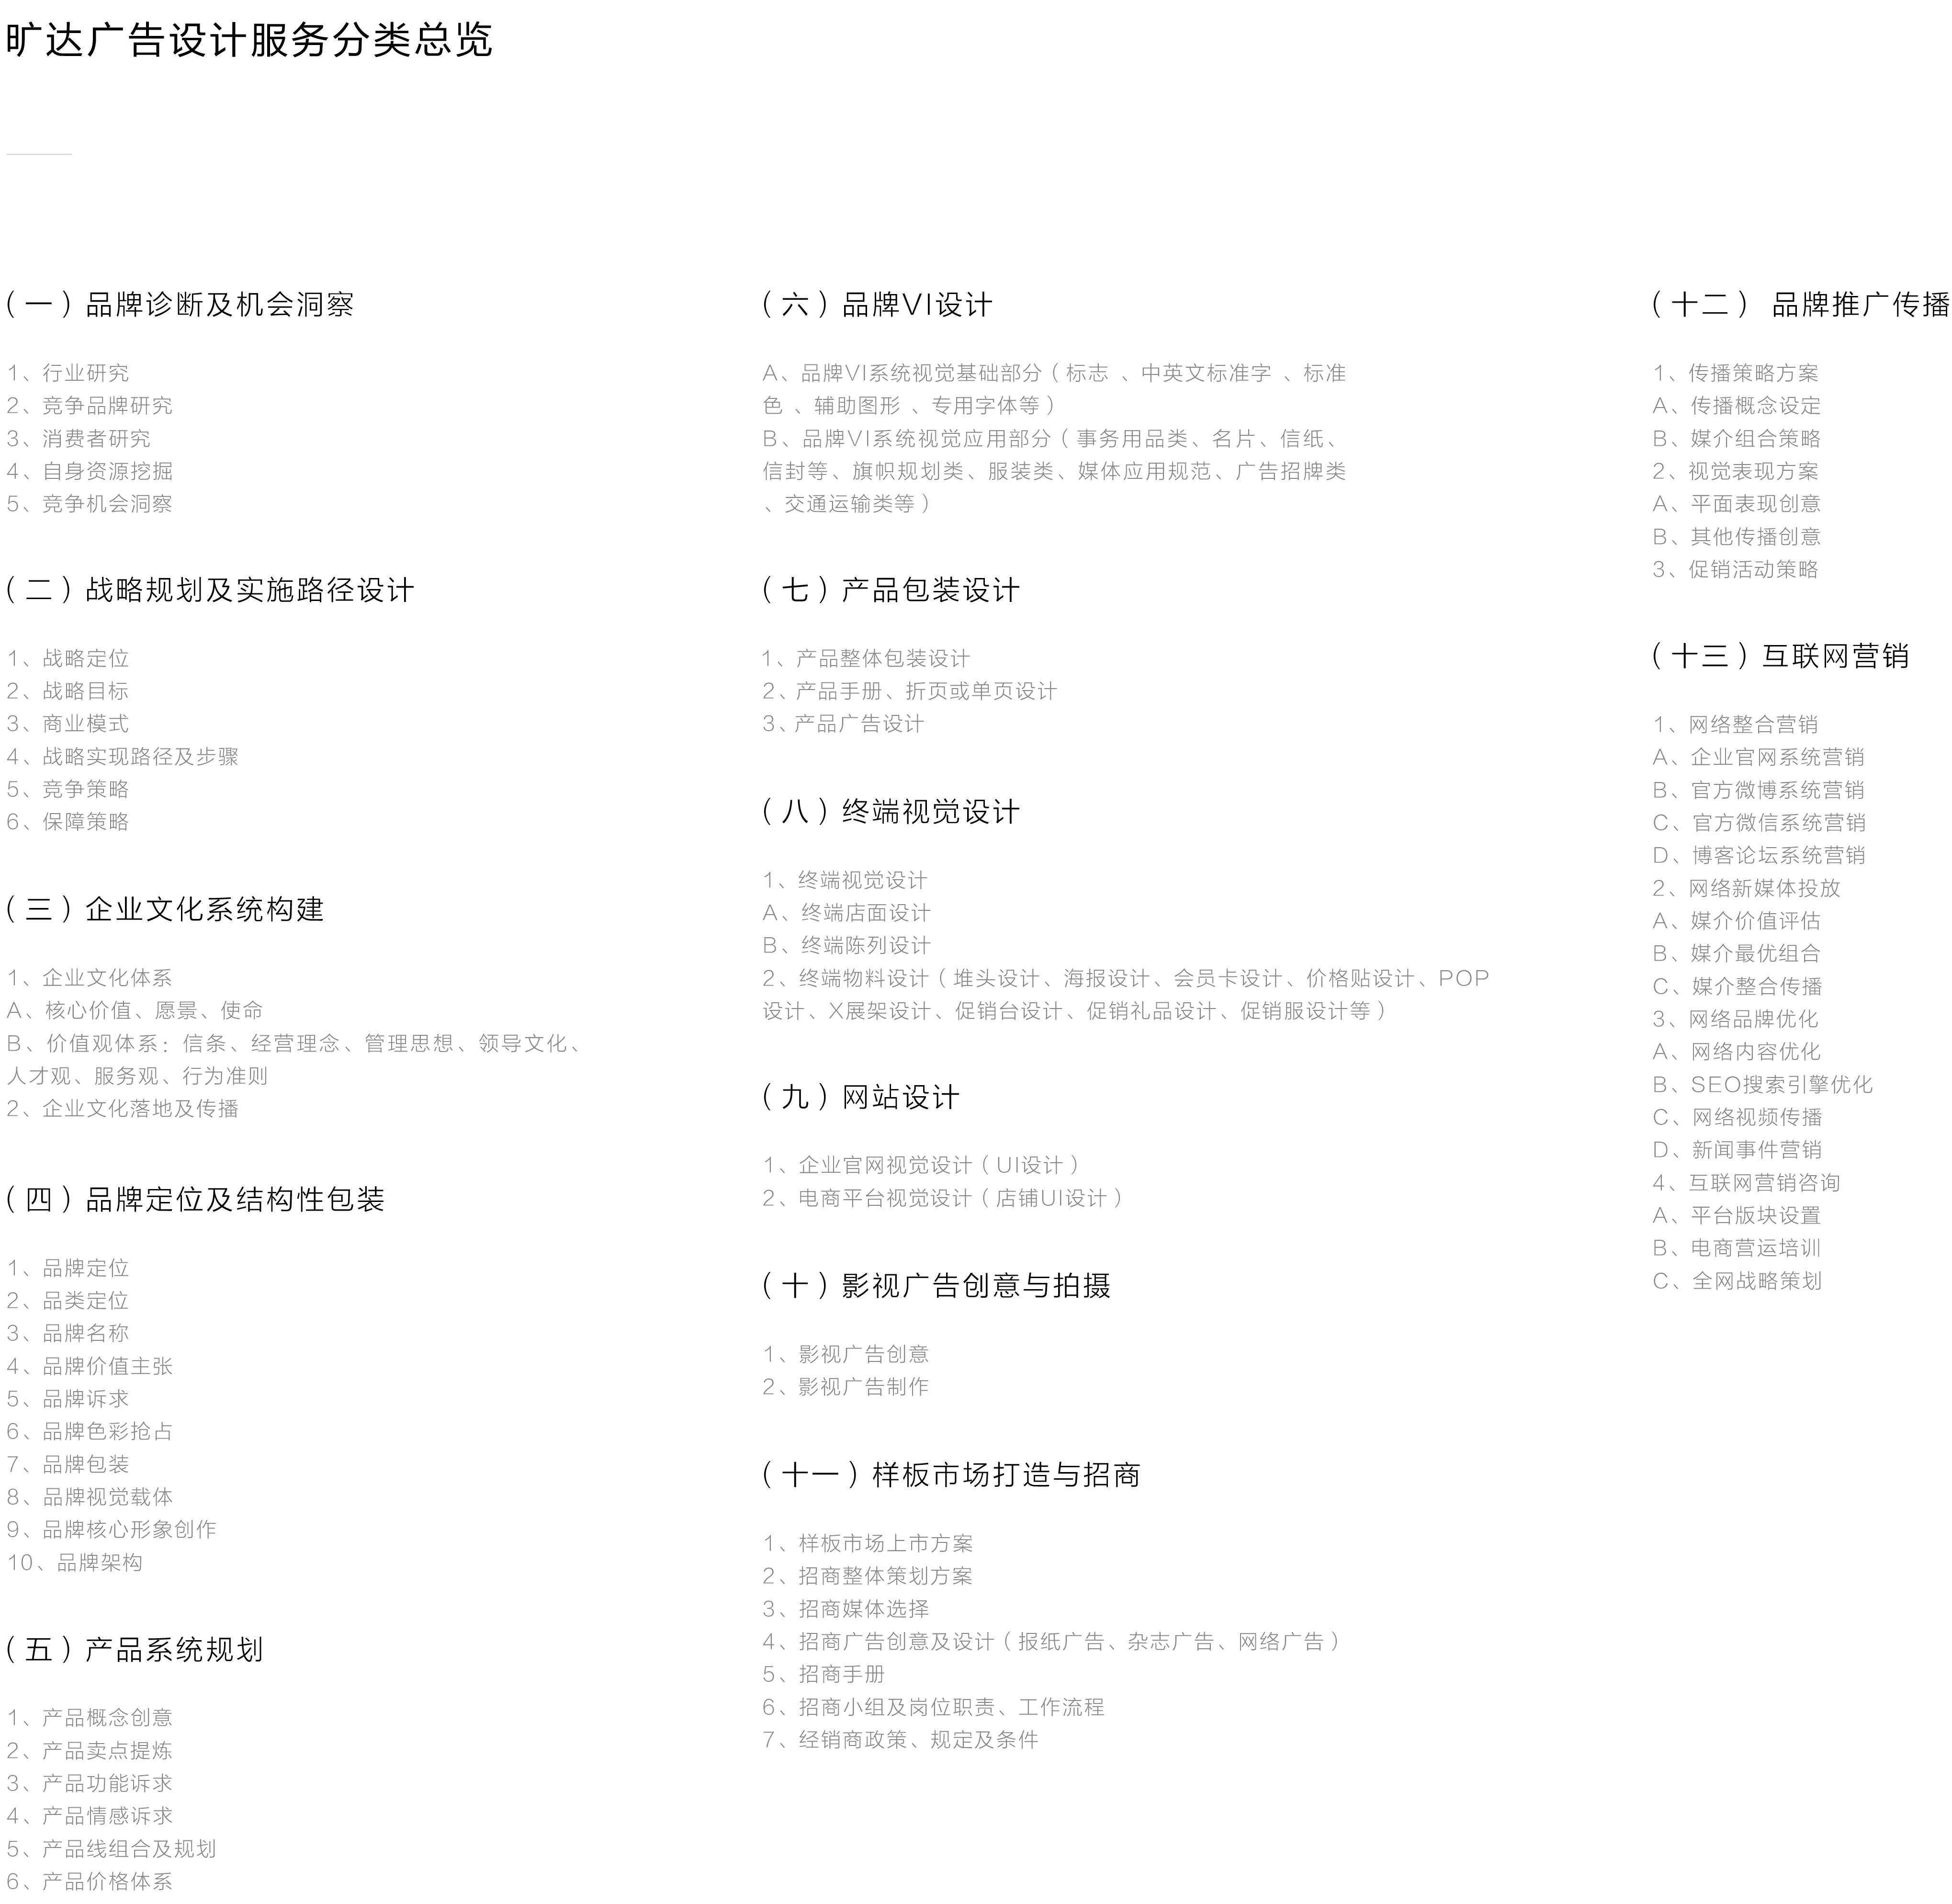 設計服務總覽-01-1.jpg